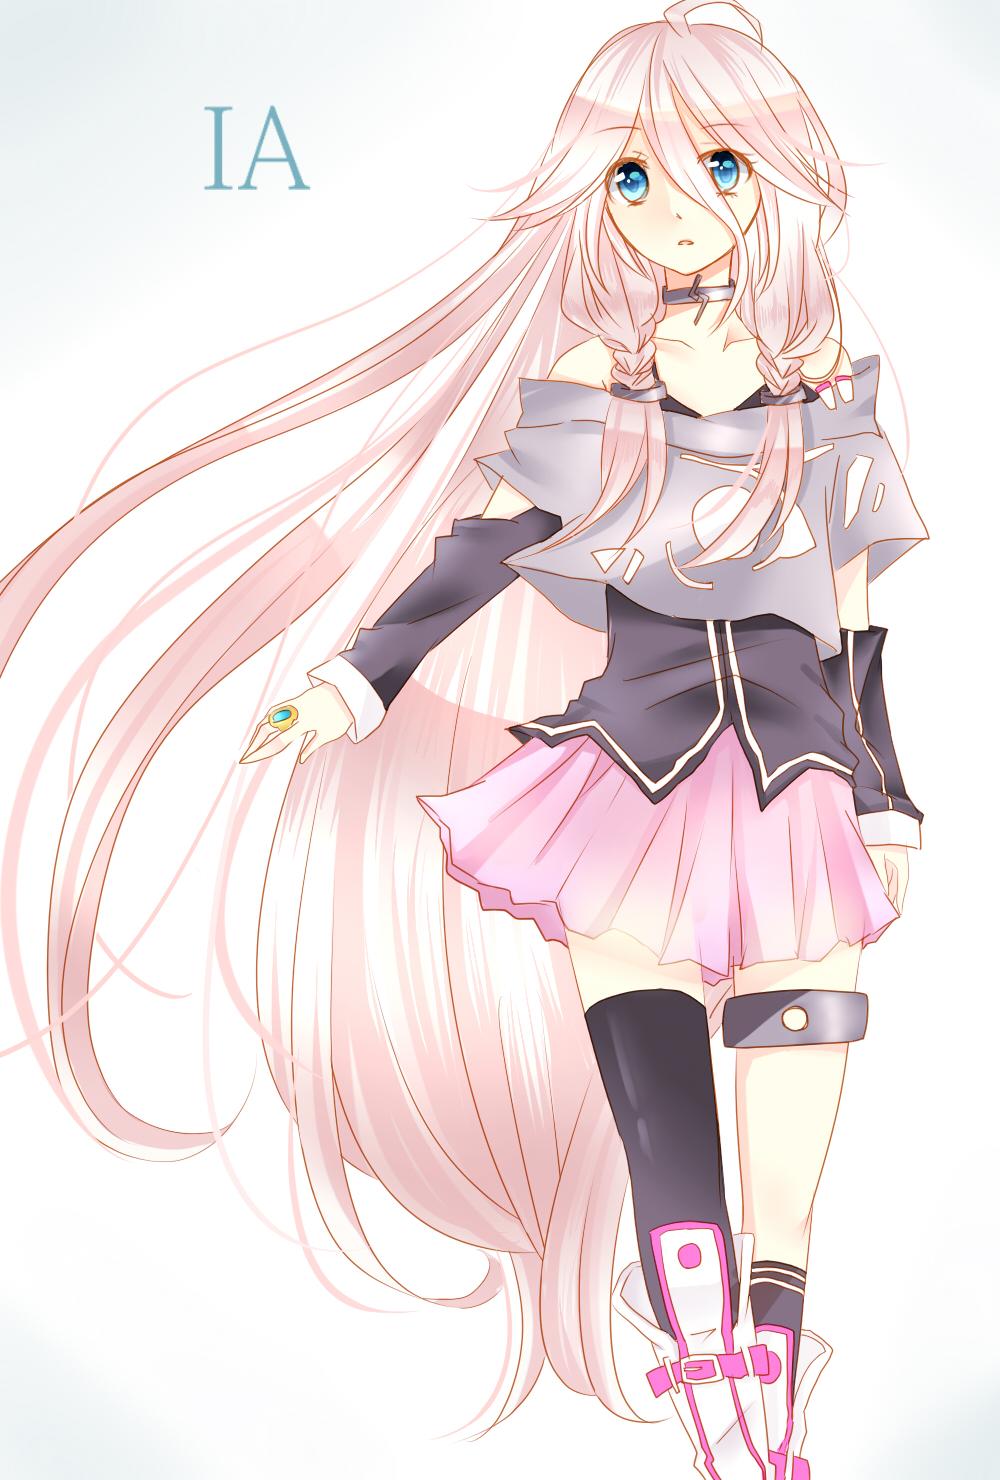 Ia Vocaloid Anime Girls Fan Art 35986287 Fanpop